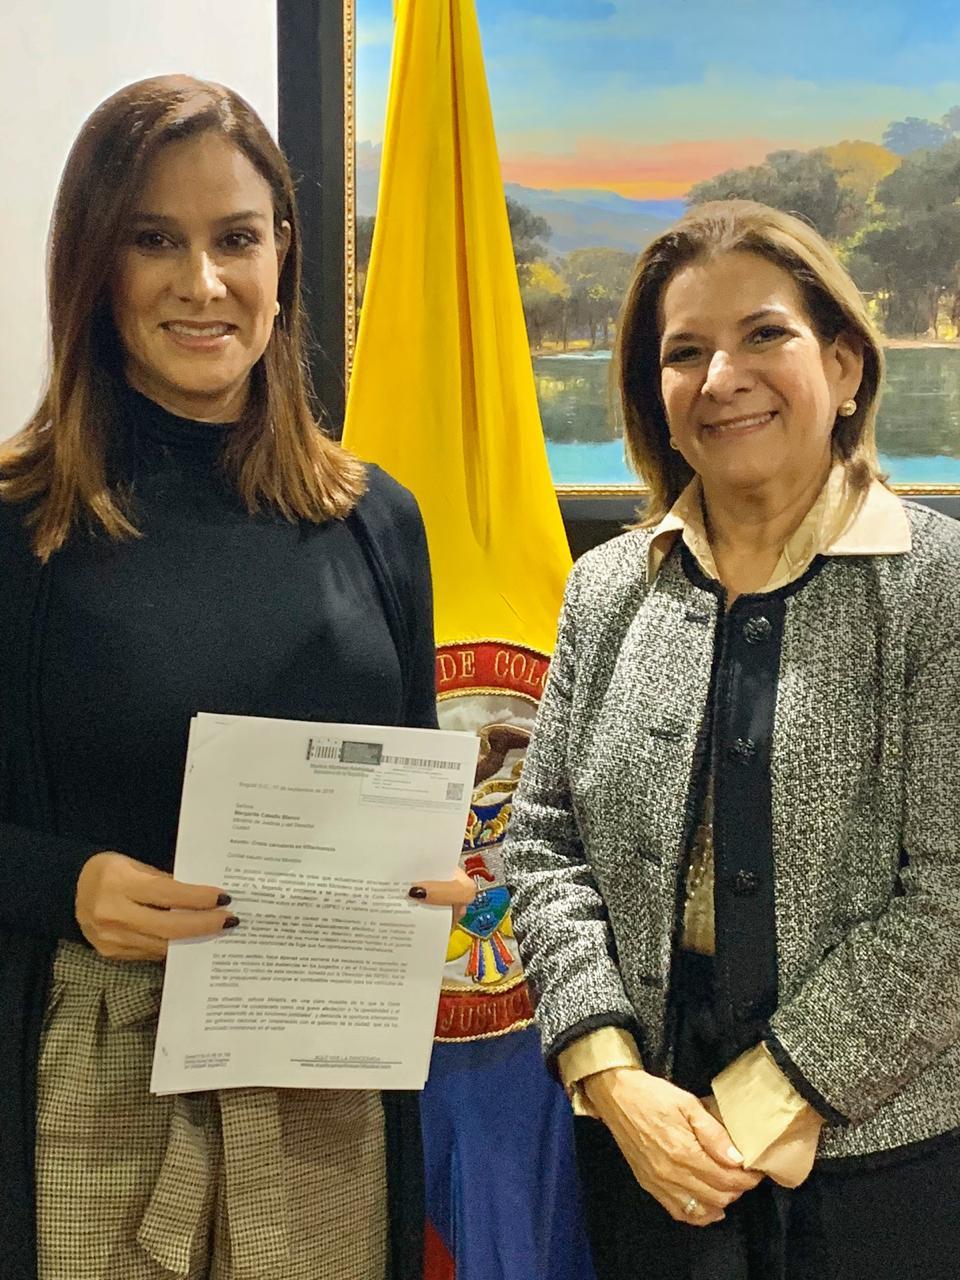 La Senadora Maritza Martínez en compañía de la Ministra de Justicia, Margarita Cabello